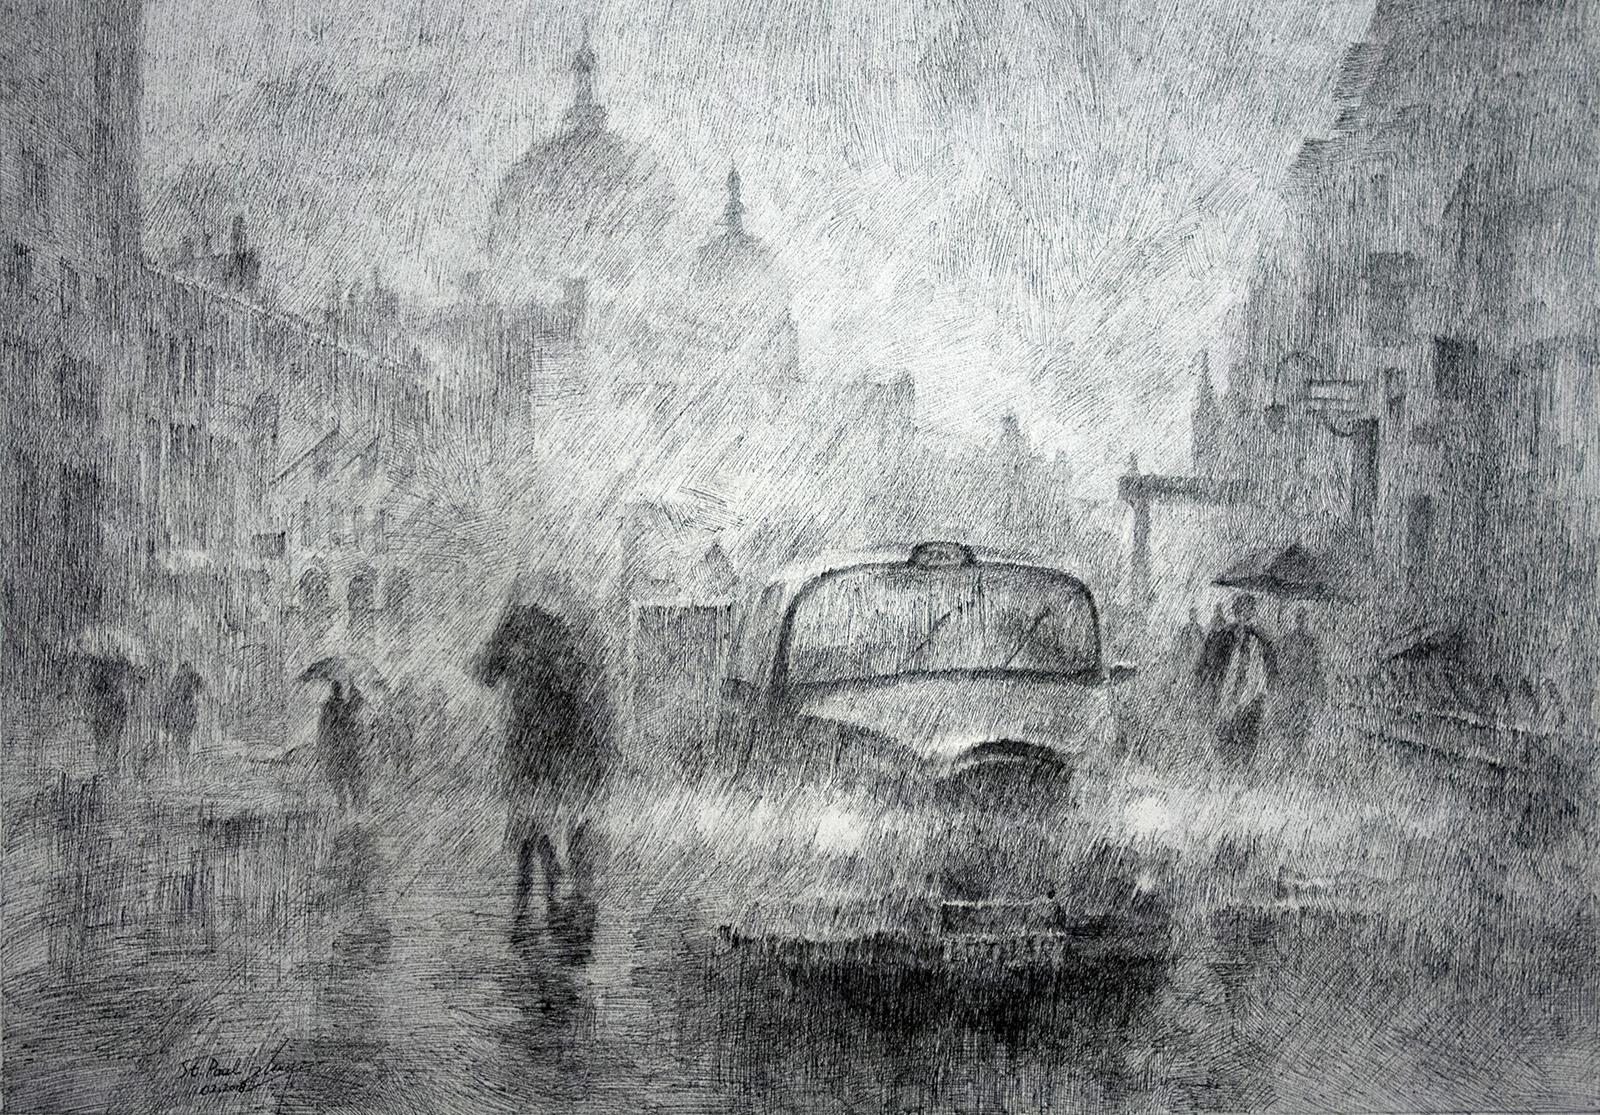 St Paul on a rainy day